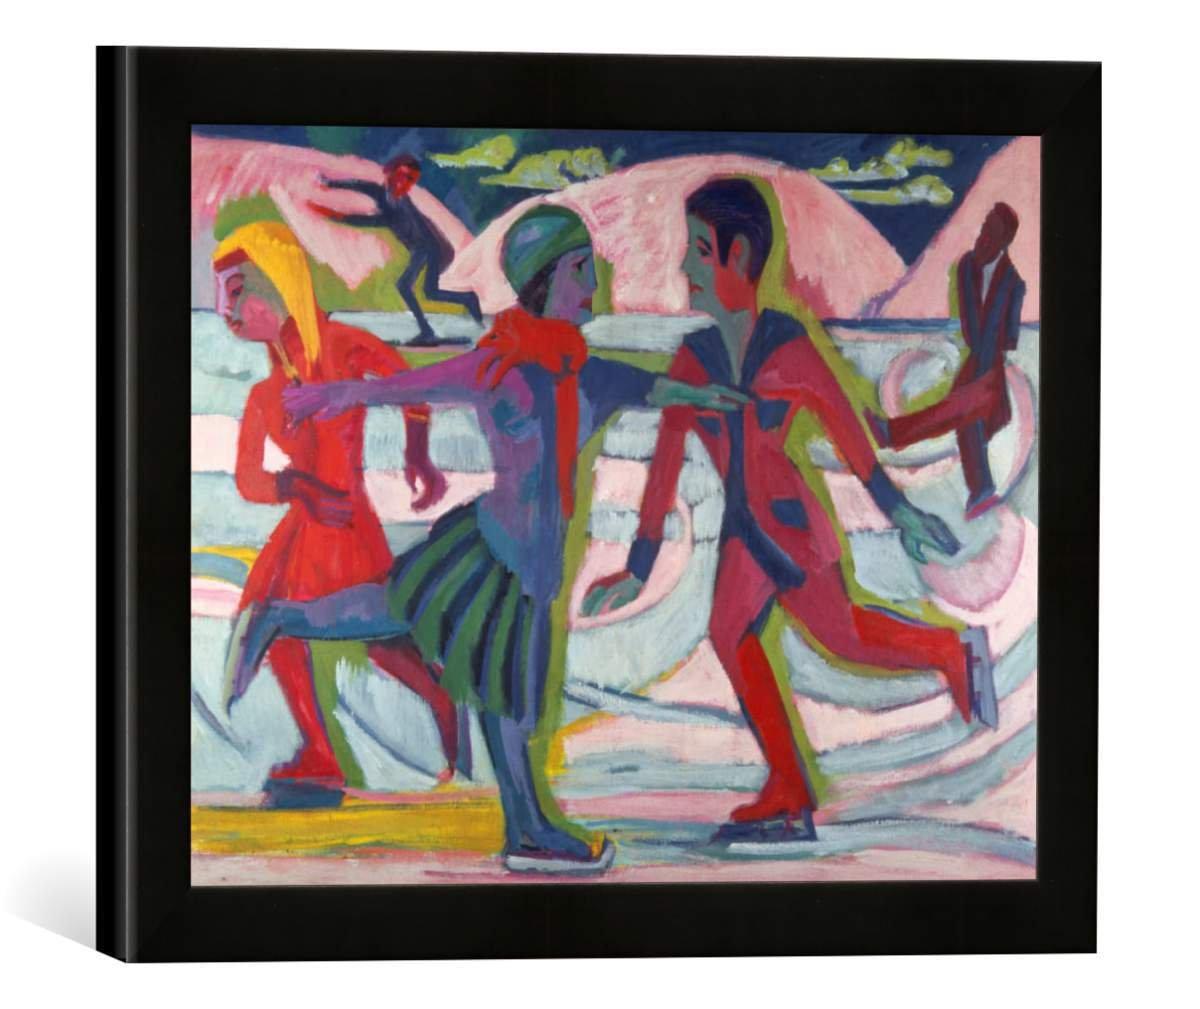 Gerahmtes Bild von Ernst Ludwig Kirchner Schlittschuhläufer, Kunstdruck im hochwertigen handgefertigten Bilder-Rahmen, 40x30 cm, Schwarz matt